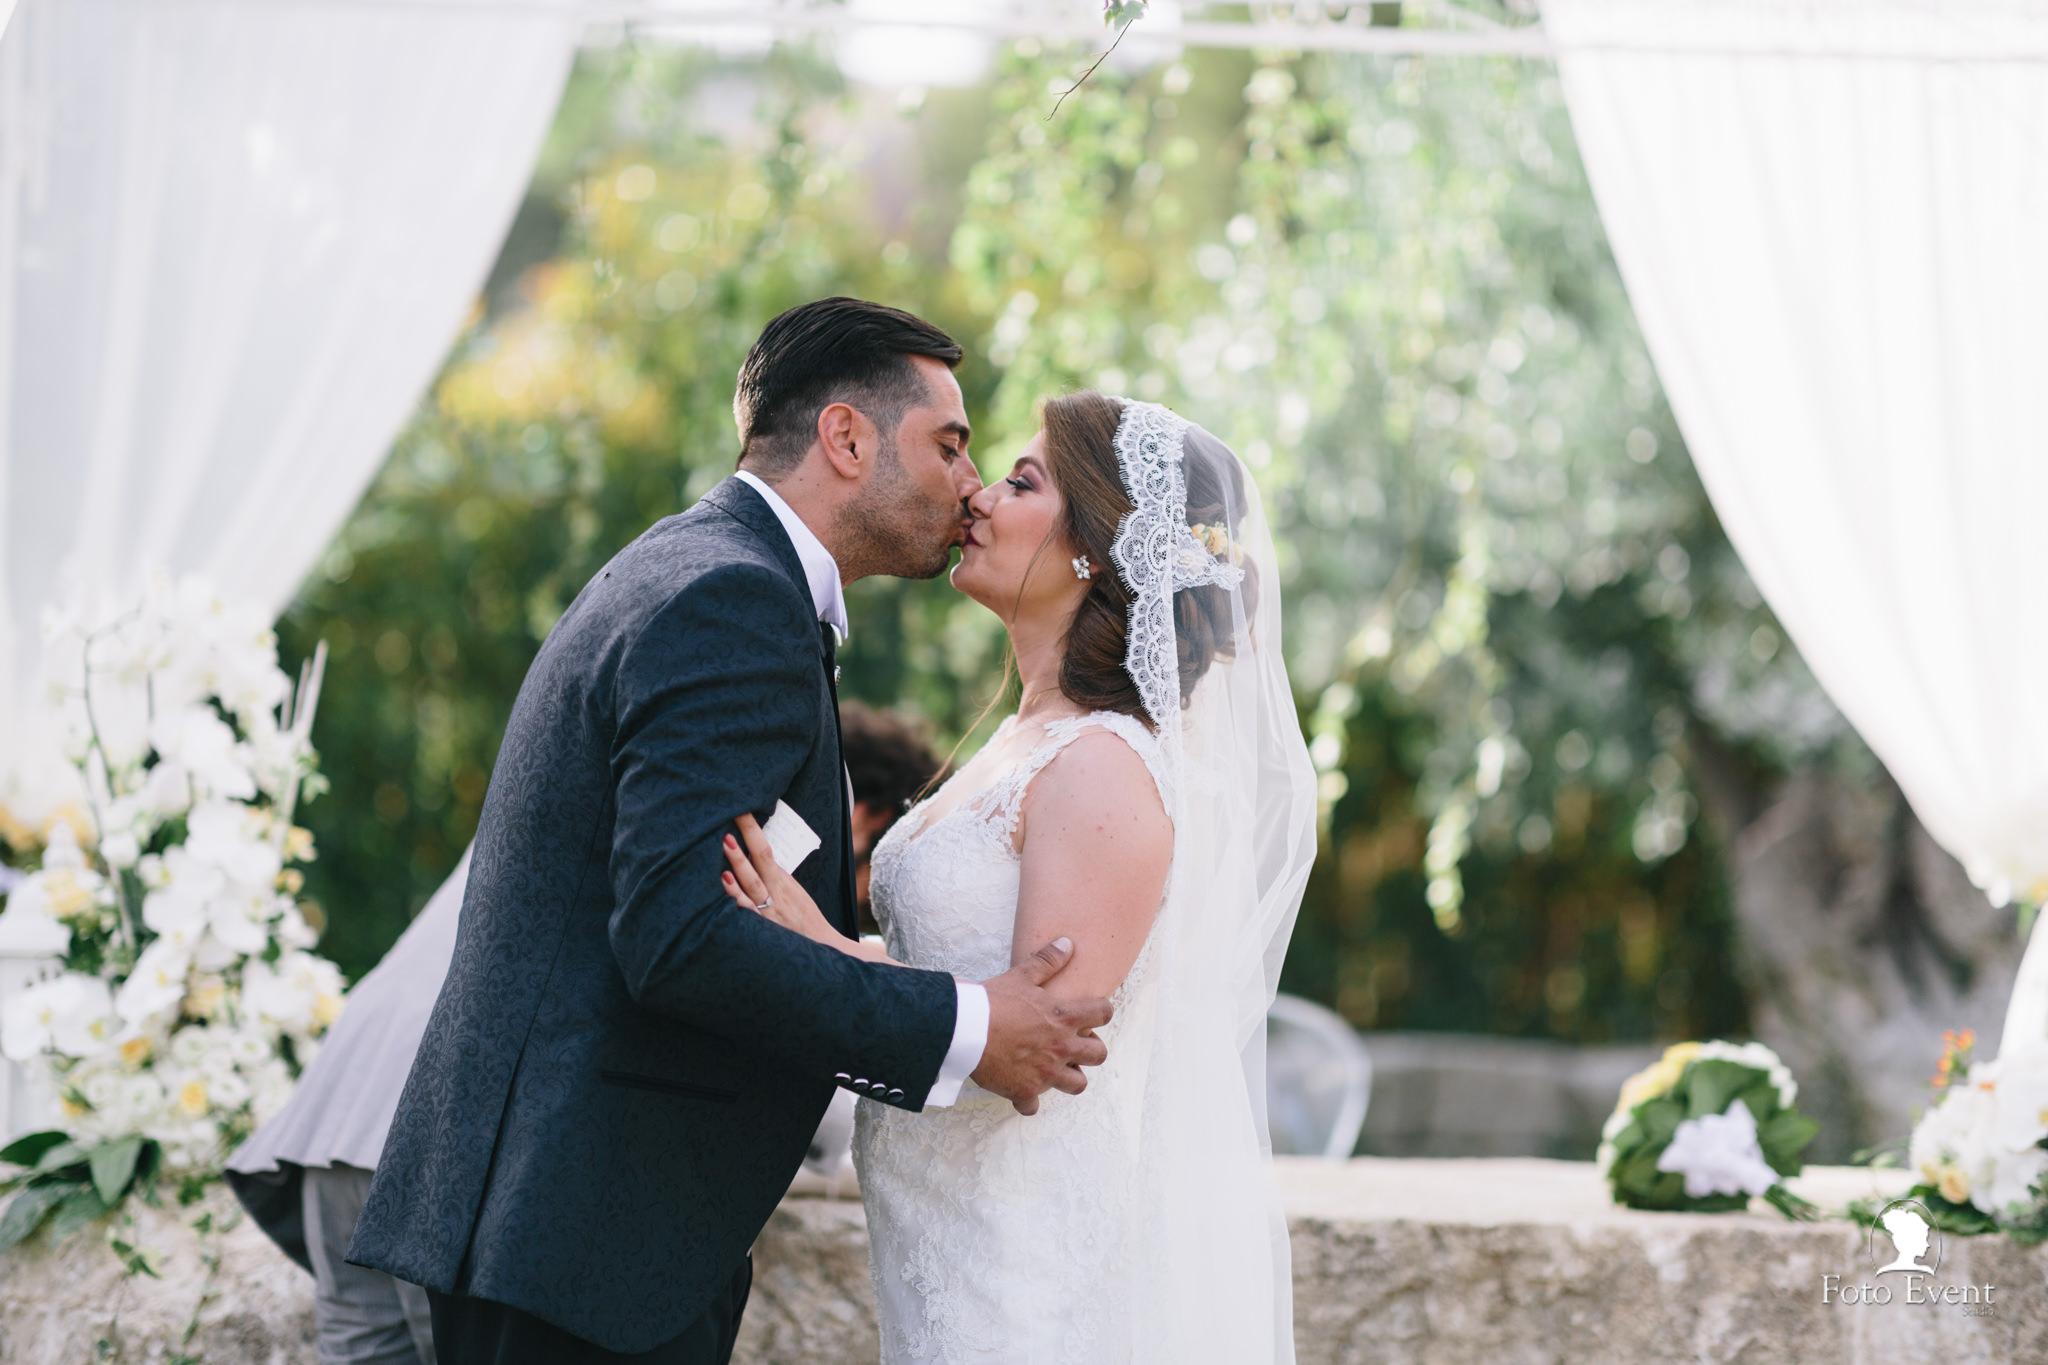 026-2019-06-12-Matrimonio-Rosa-e-Angelo-Ripellino-85mm-257